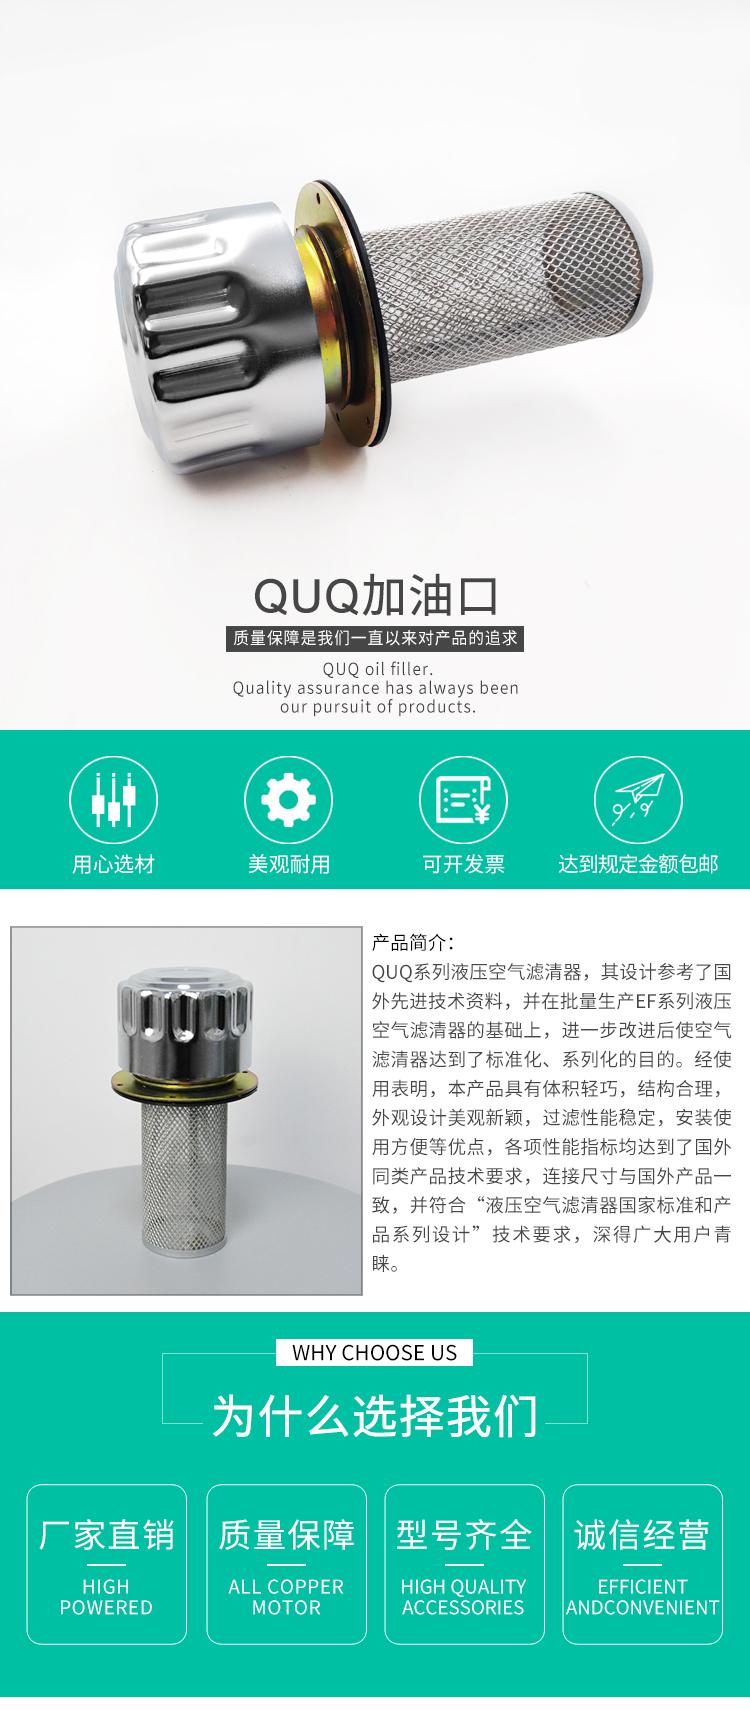 Hydraulic tank air filter oil filler filter quq2(图2)